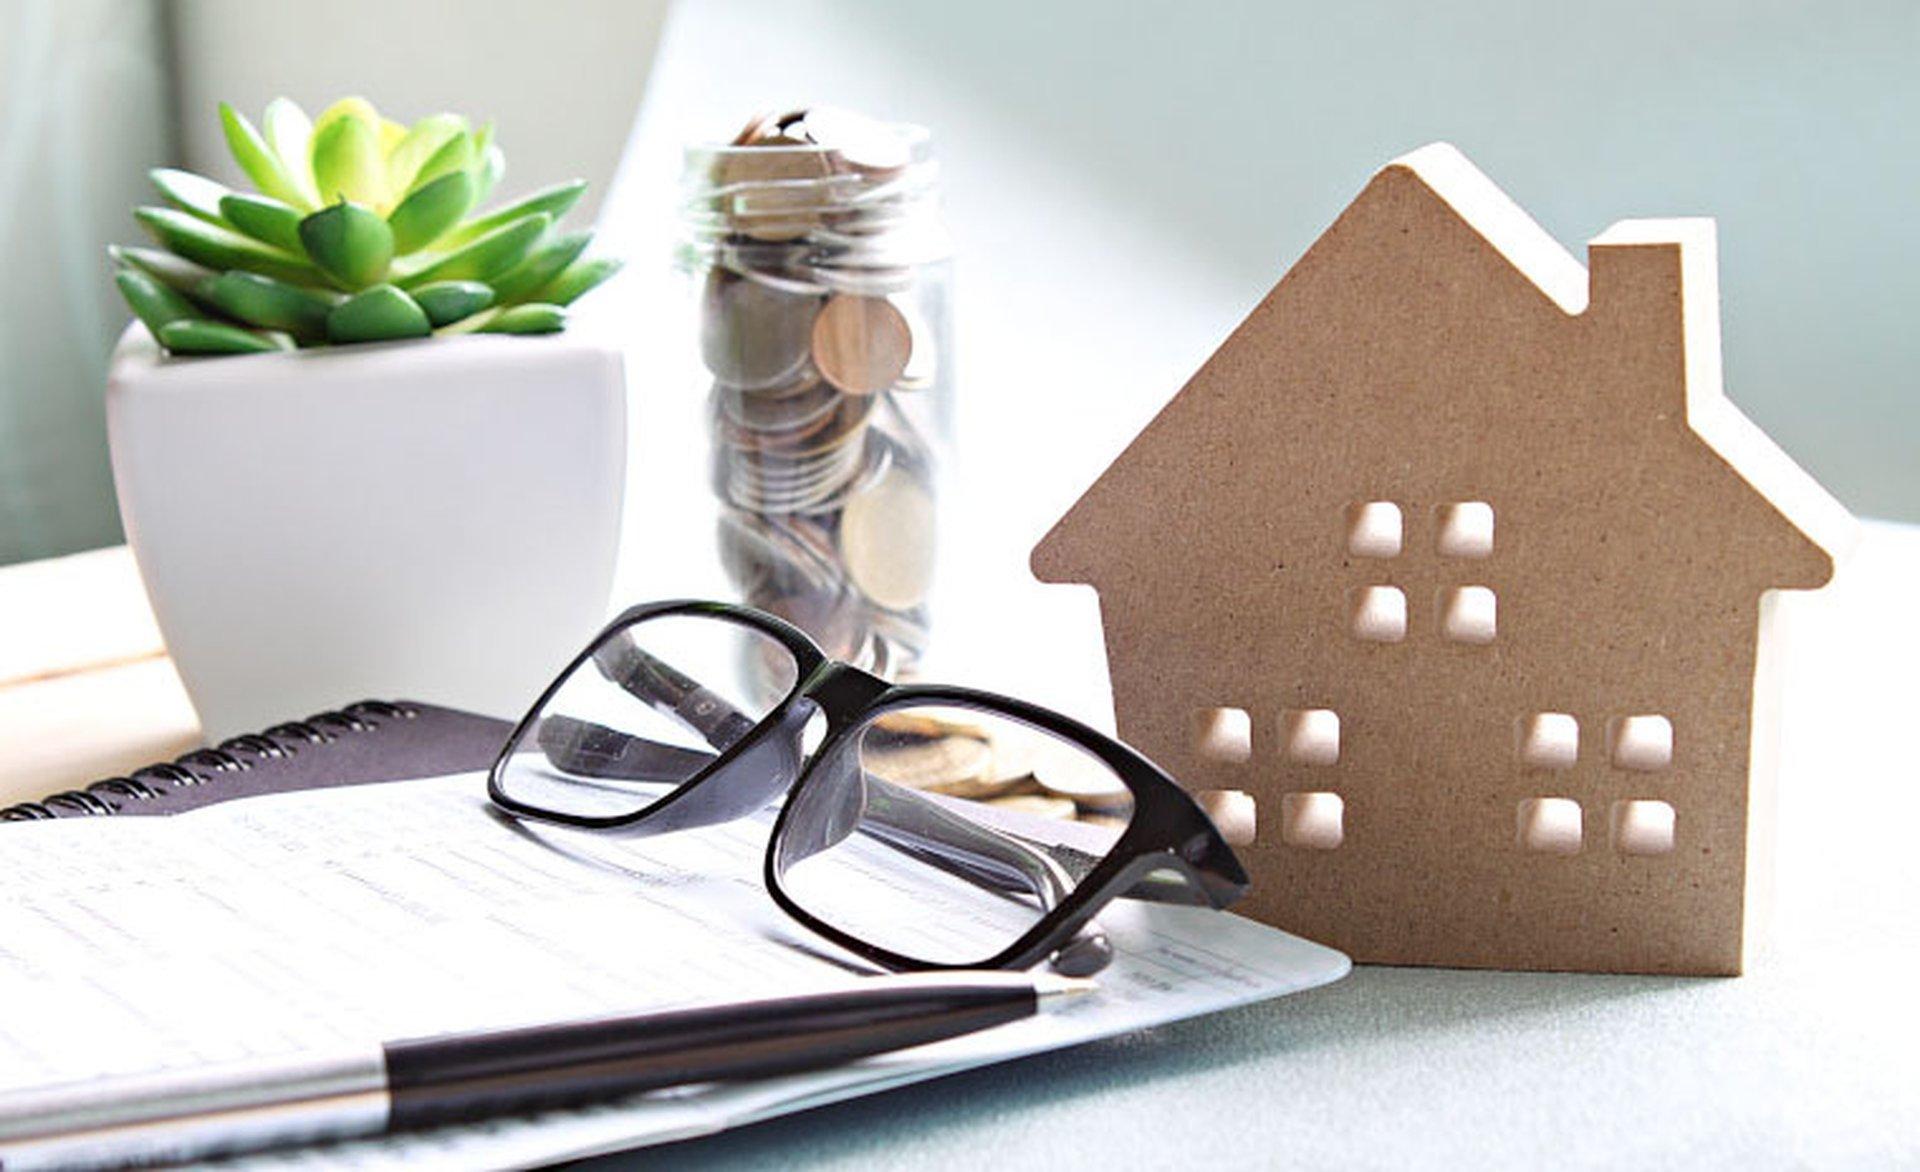 Alles im Griff: Checklisten erleichtern den Verkauf von Immobilien